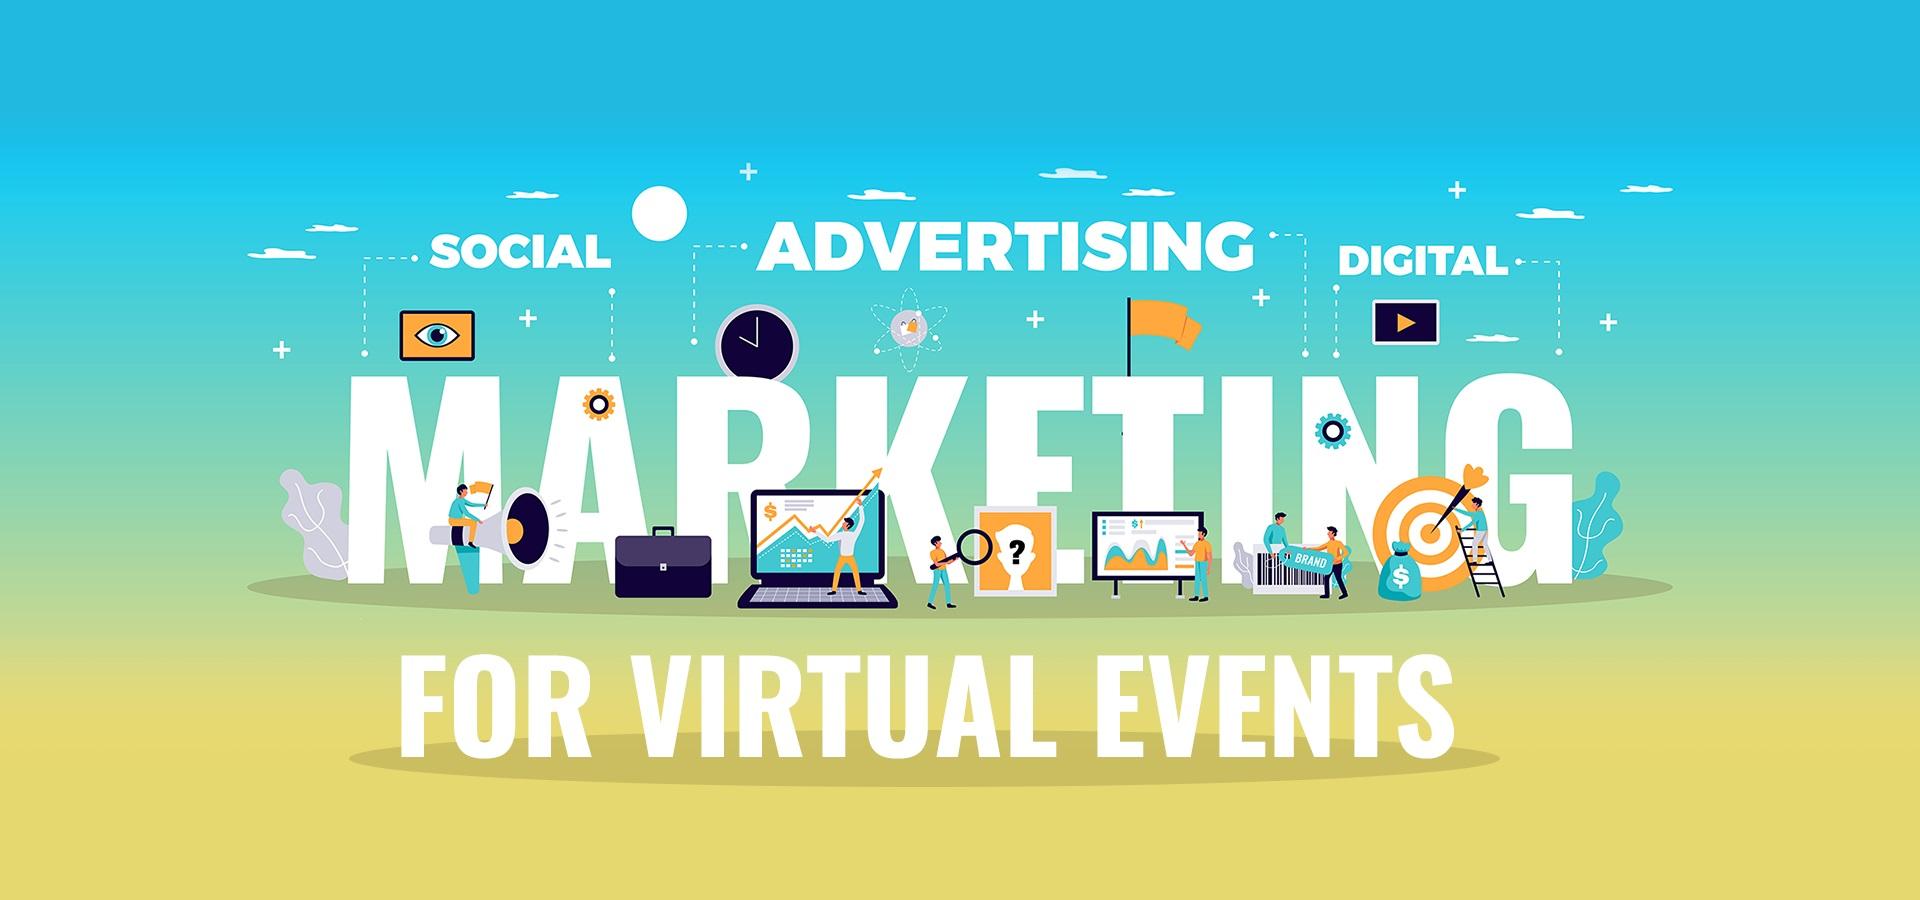 Sự kiện trực tuyến giúp cải thiện chiến lược thương hiệu của doanh nghiệp